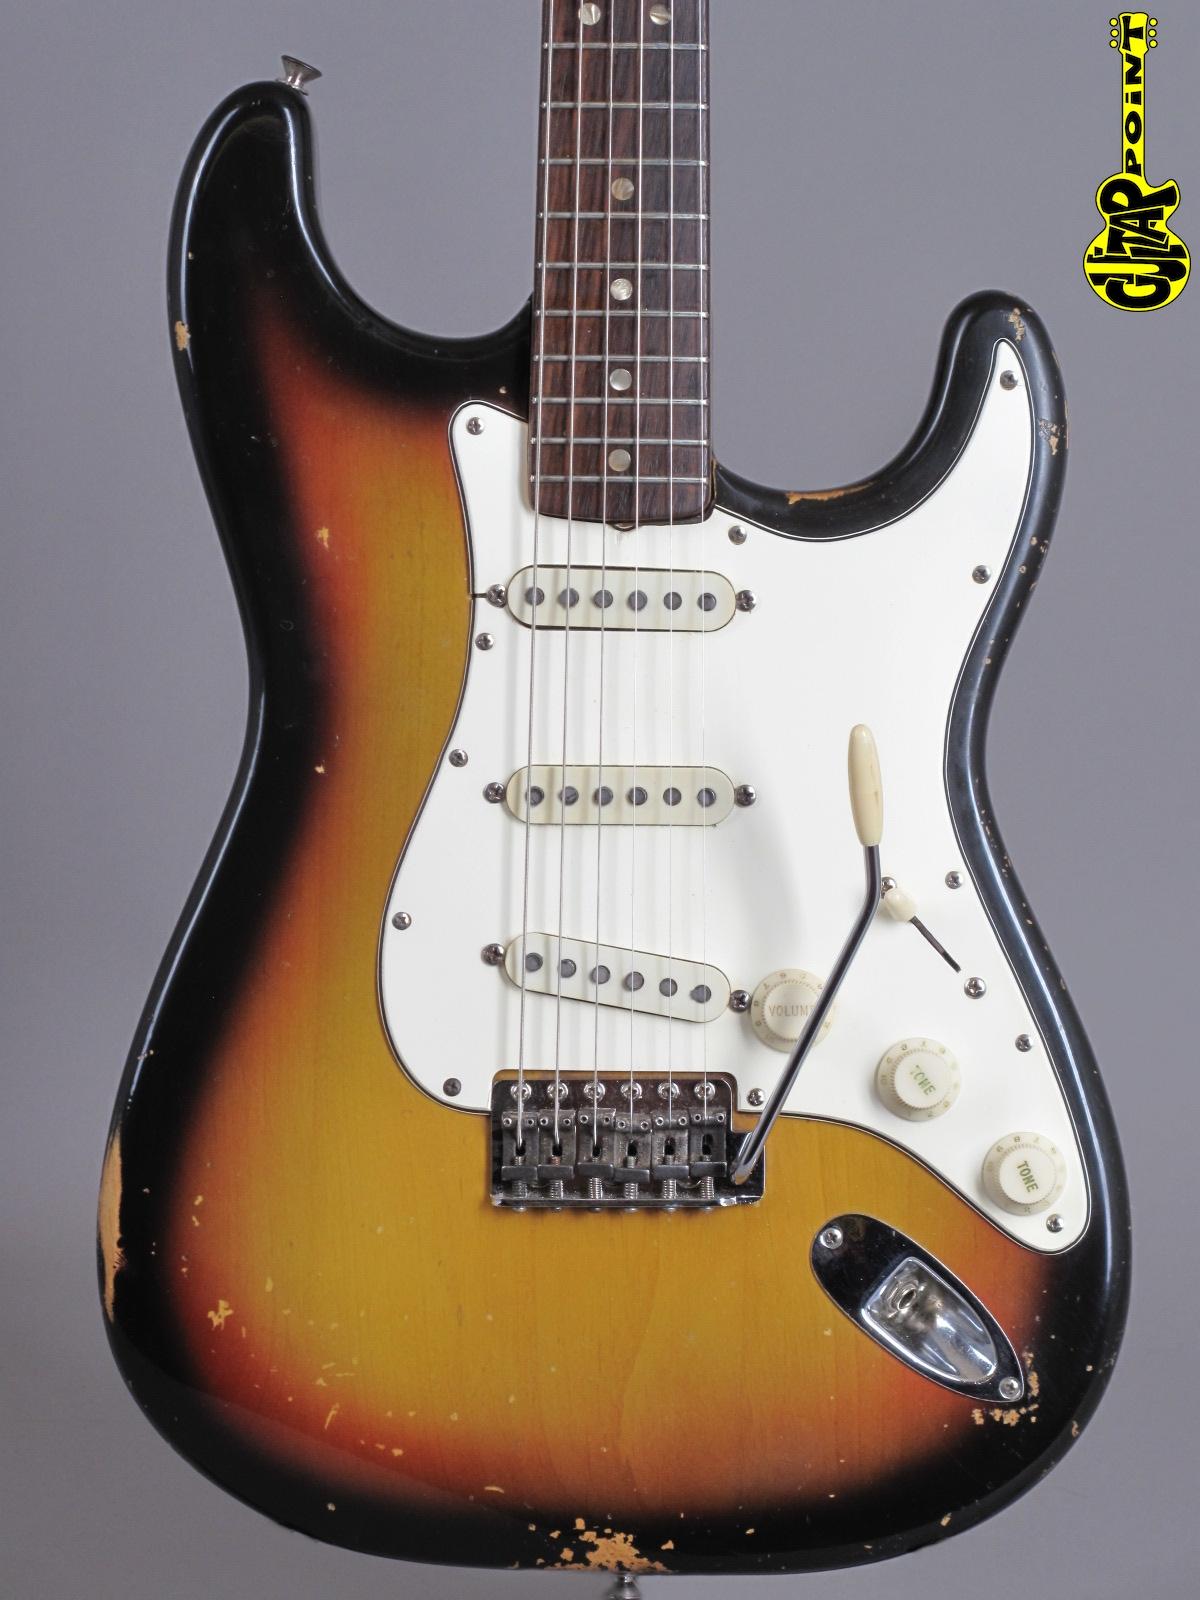 1969 Fender Stratocaster - 3-tone Sunburst